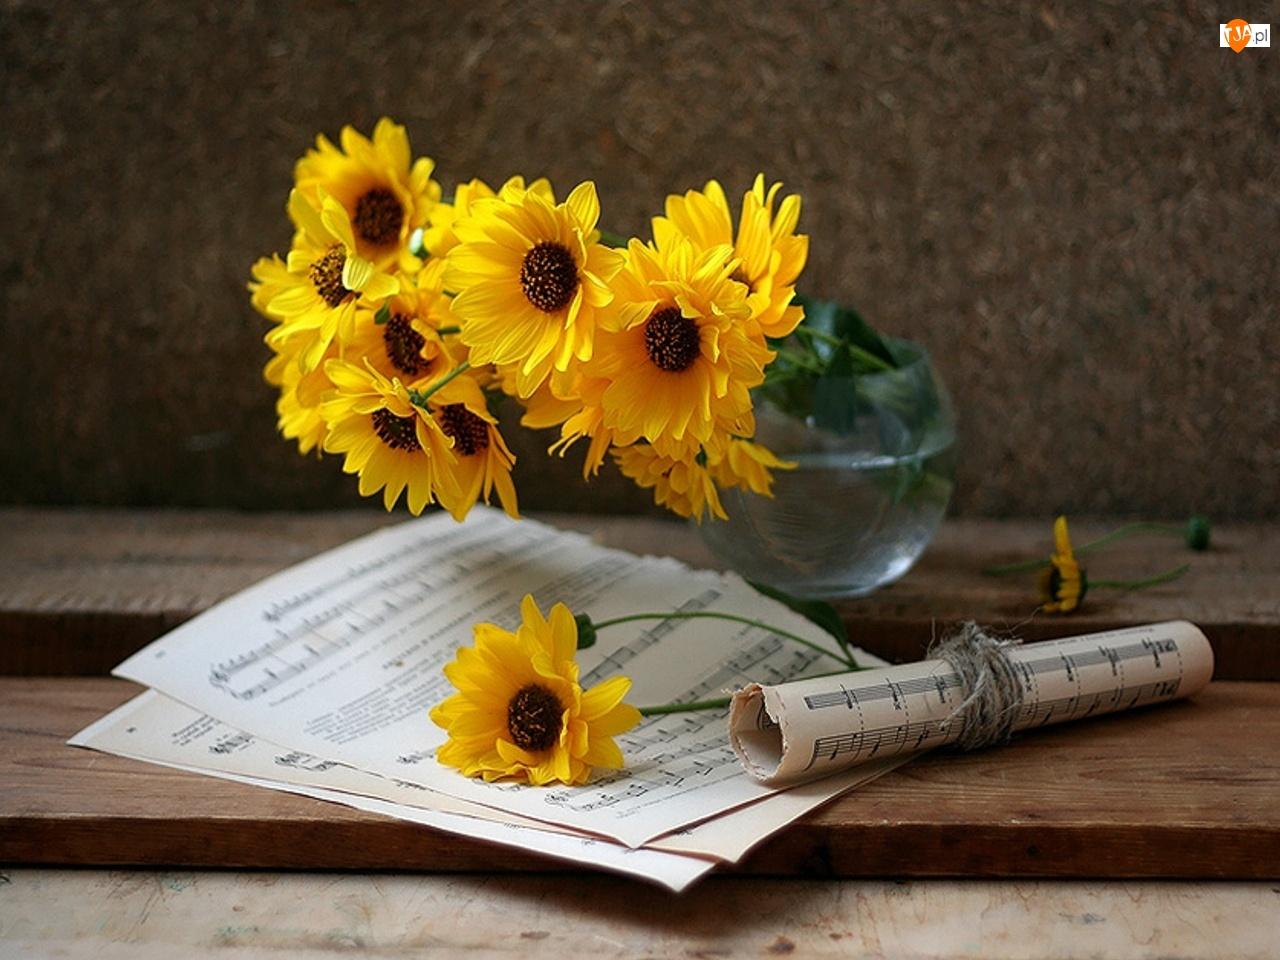 Wazon, Bukiet, Kwiatów, Żółtych, Nuty